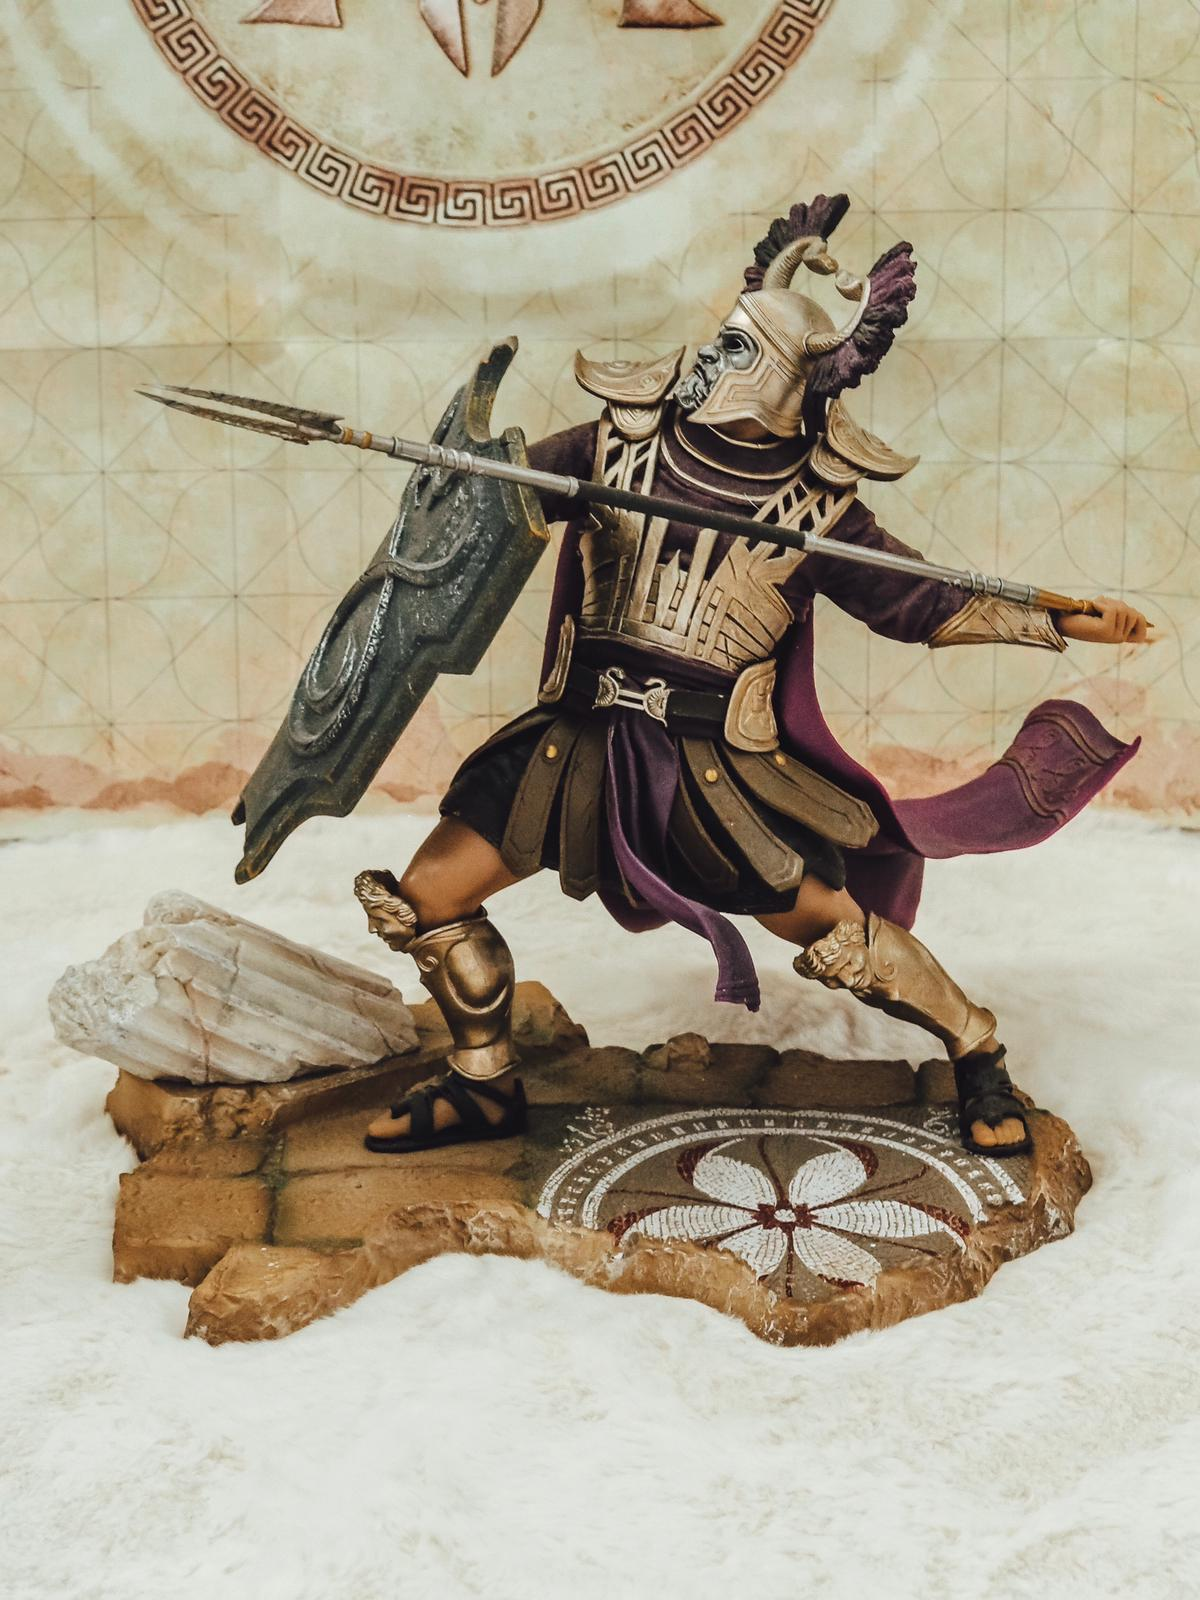 Heute gibt es ein top Unboxing der stylischen Assasins Creed Odyssey Pantheon Collectors Edition von Ubisoft Store und Ubicollectibles auf dem Gamer Blog ☆